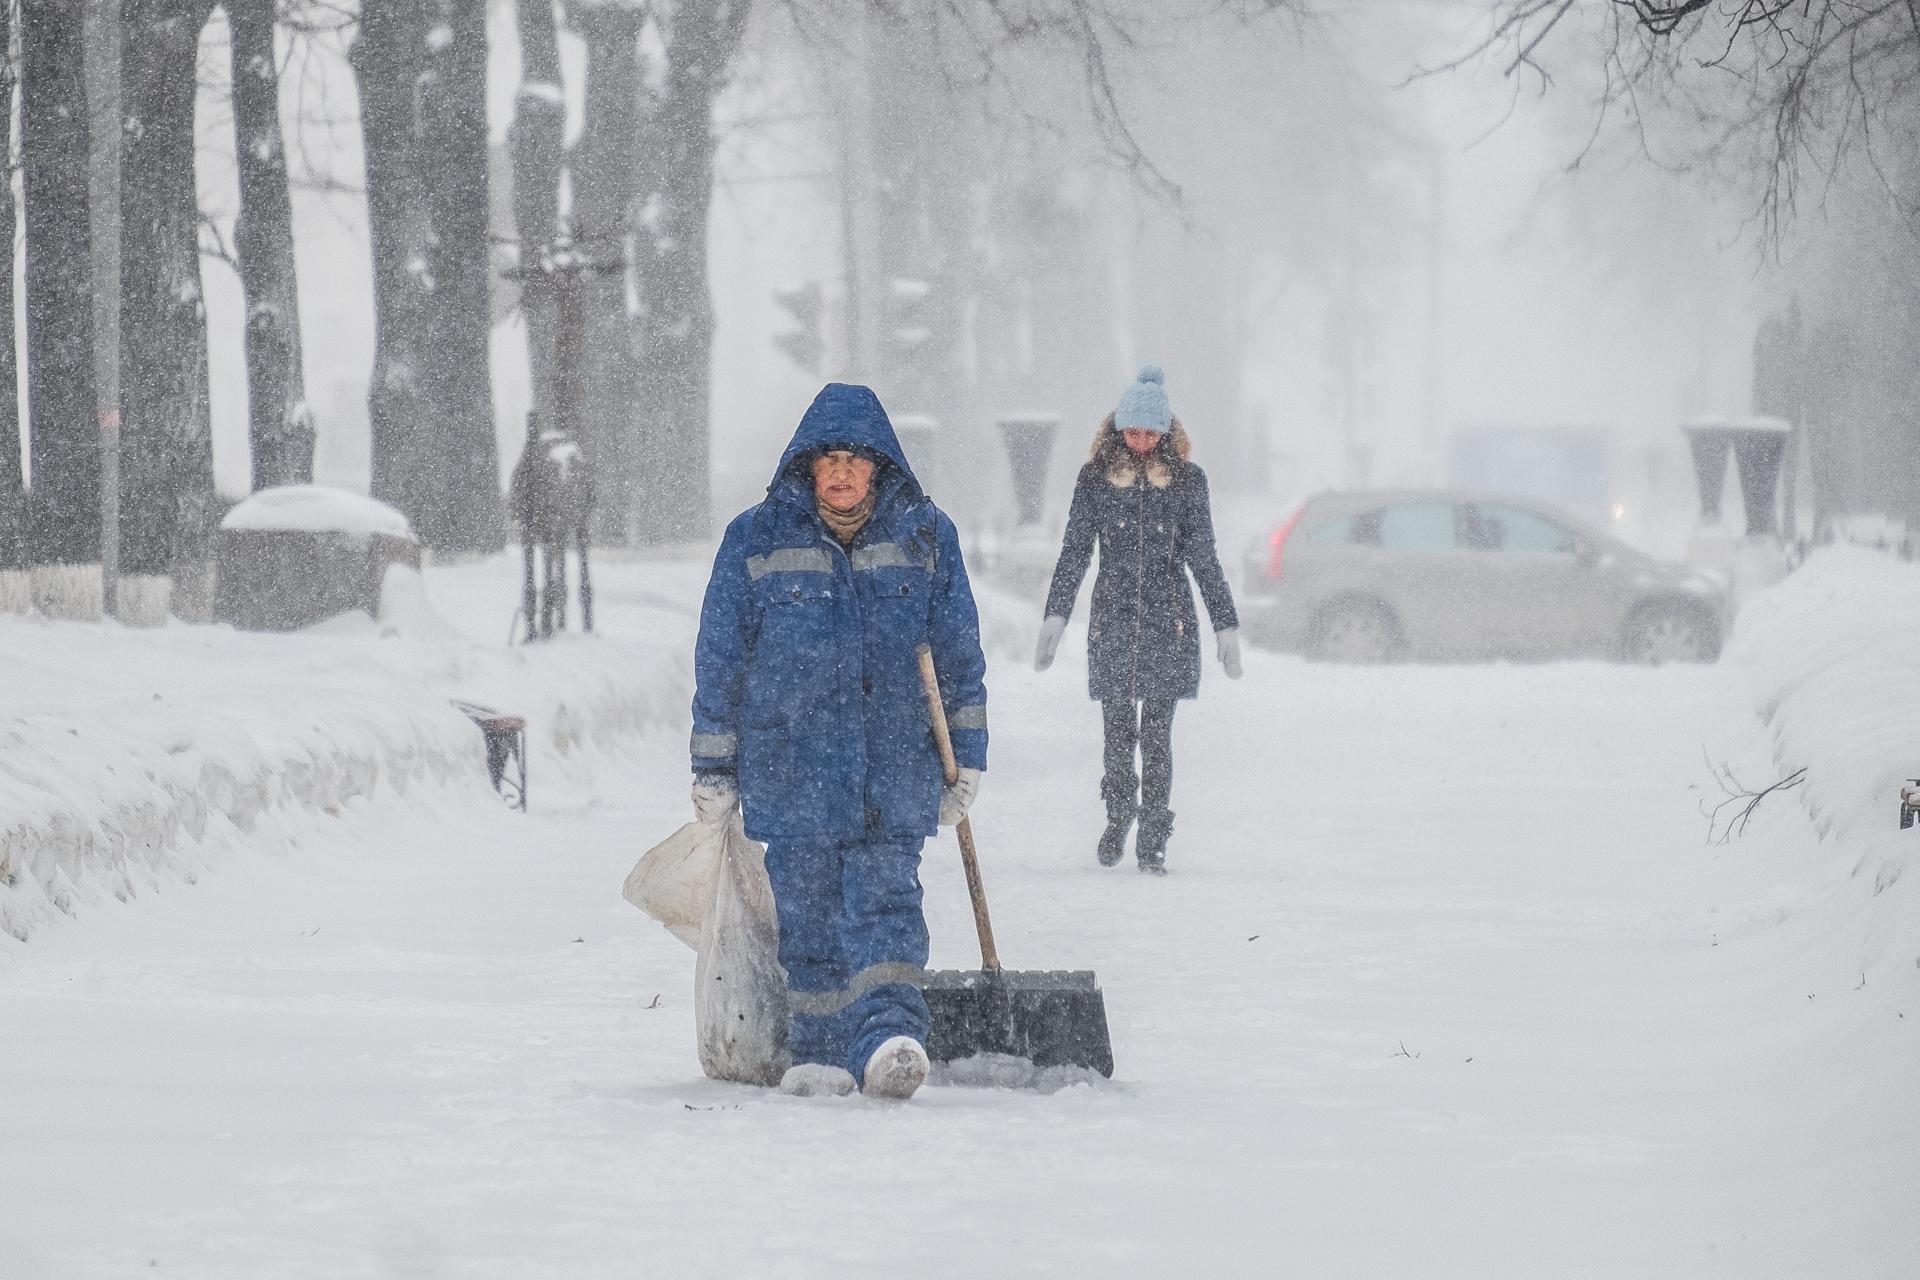 Даже в такие снегопады можно чувствовать себя счастливым и здоровым